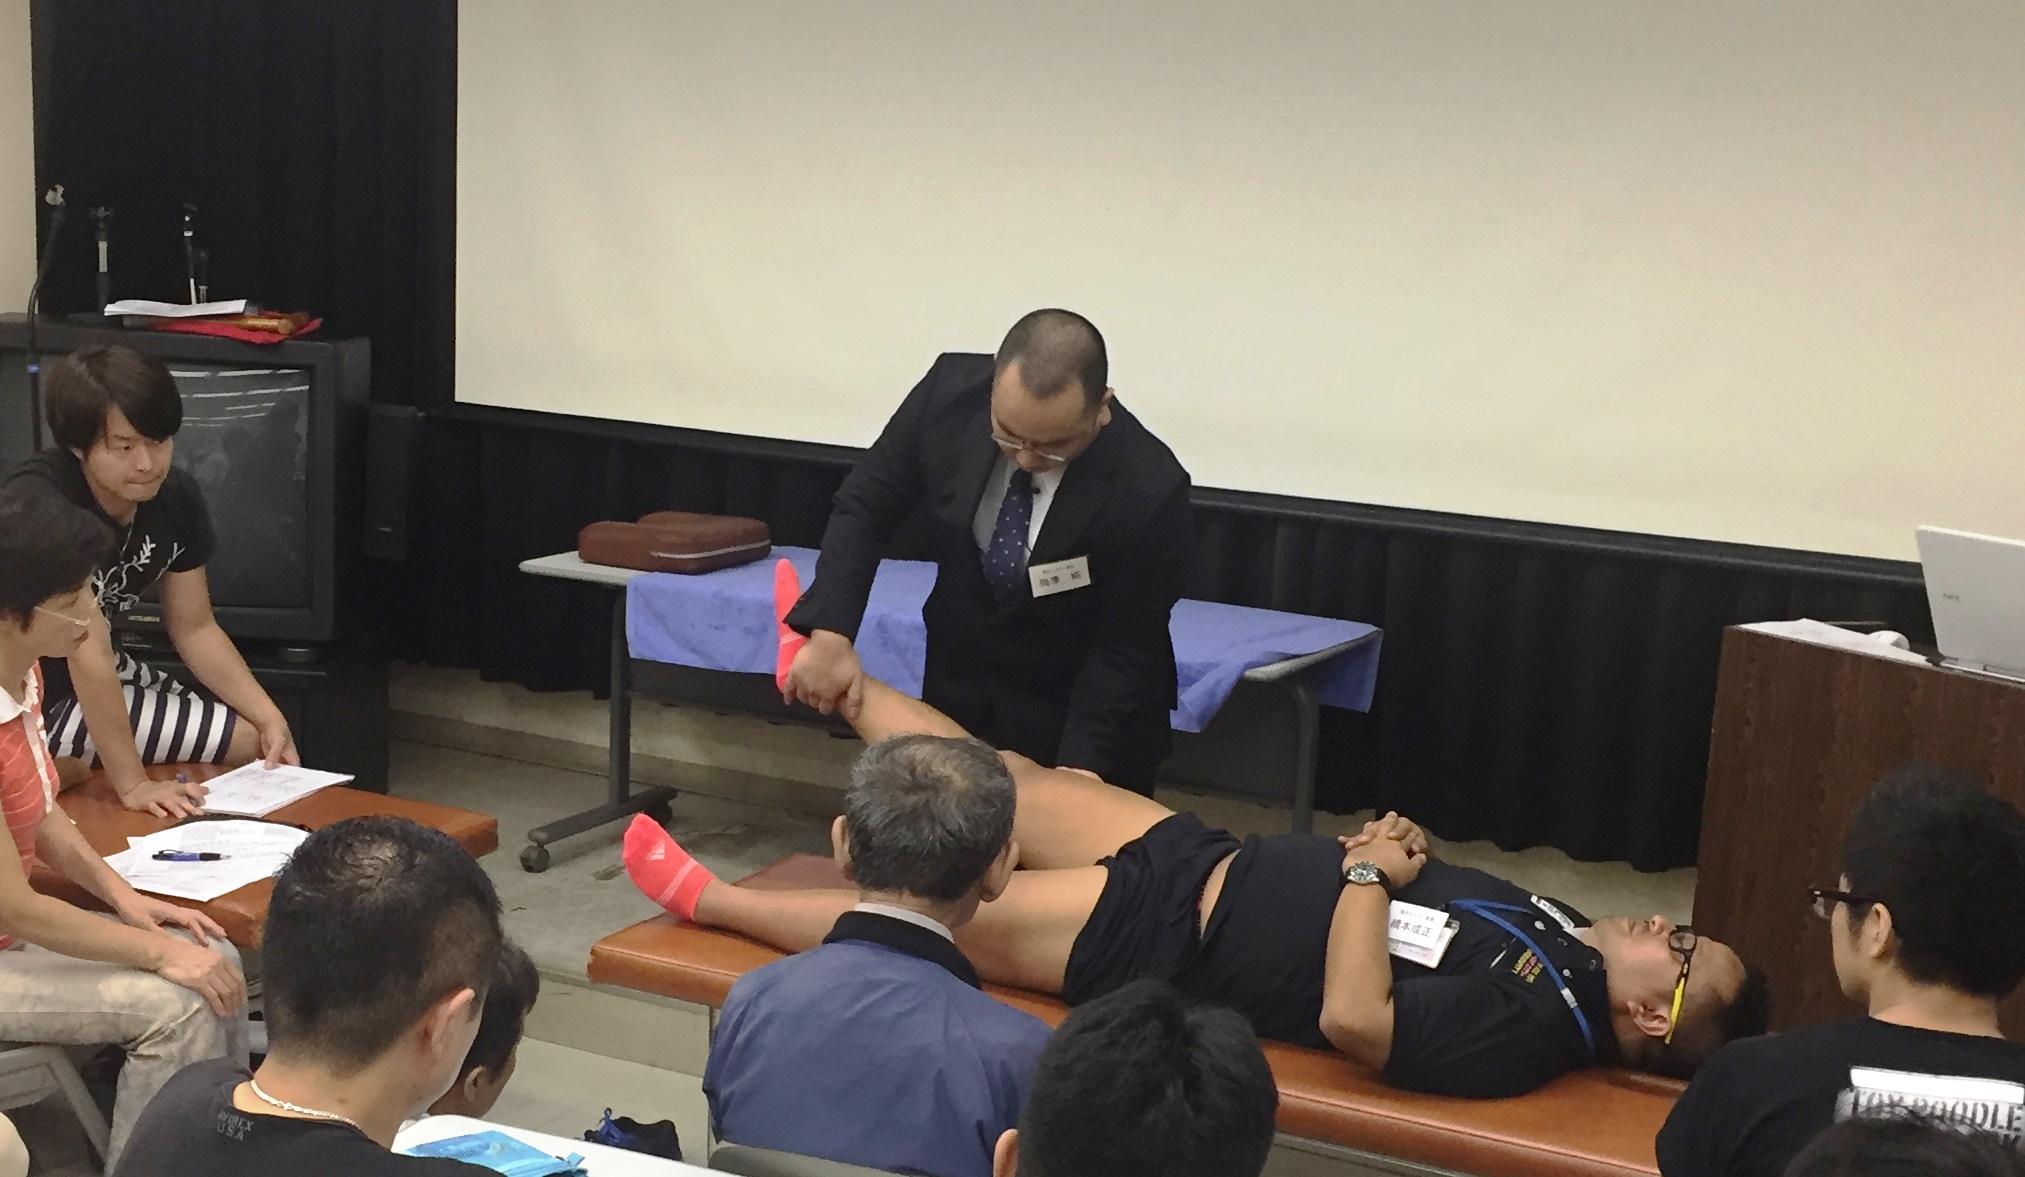 28・10・6 膝検査法